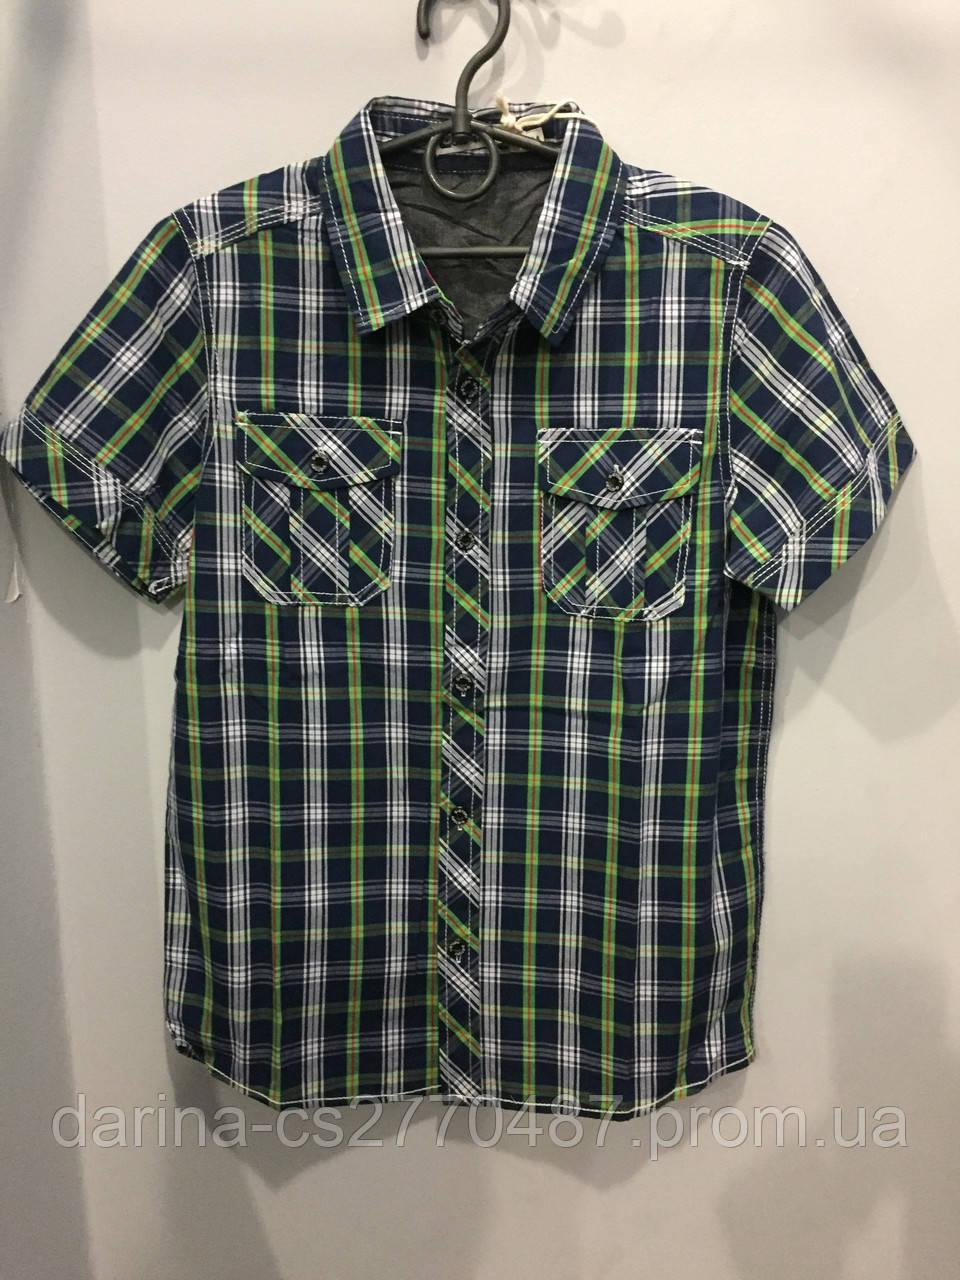 Подростковая рубашка в клетку 140 см